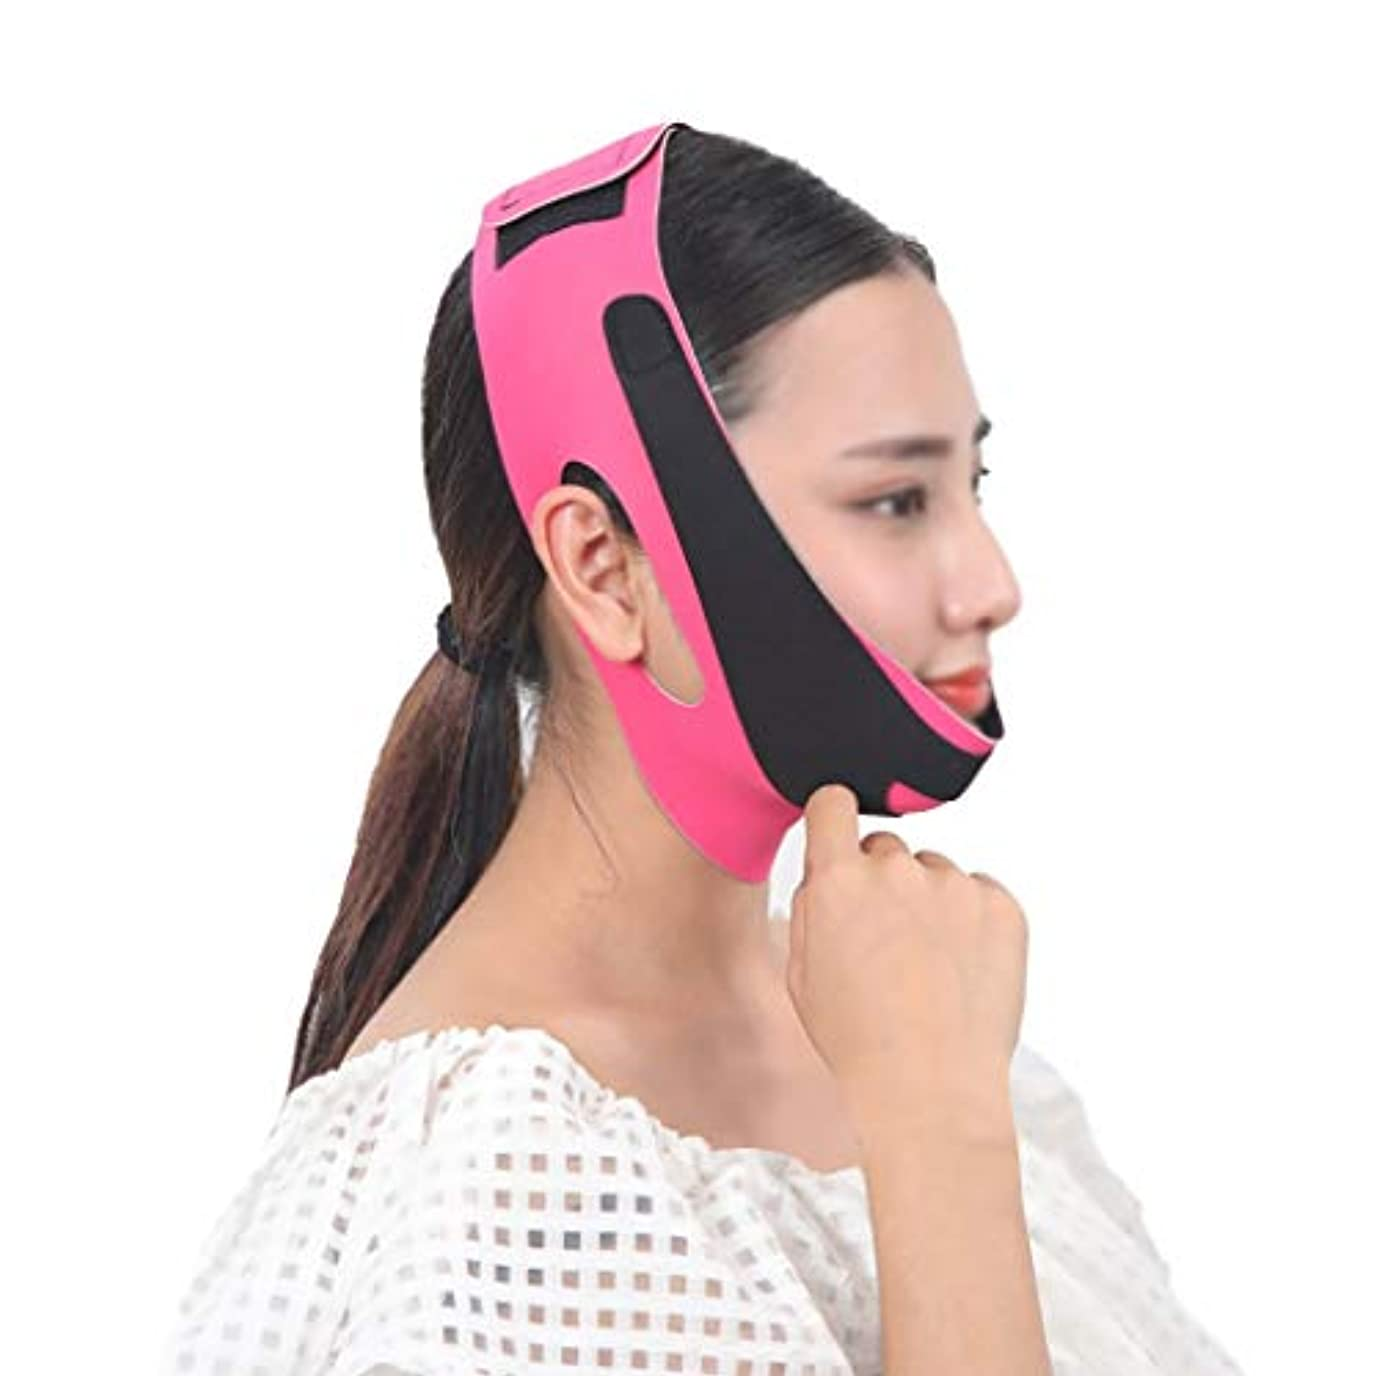 シングル北方決定的顔と首リフト術後弾性フェイスマスク小さなV顔アーティファクト薄い顔包帯アーティファクトV顔吊り耳リフティング引き締まった薄い顔アーティファクト